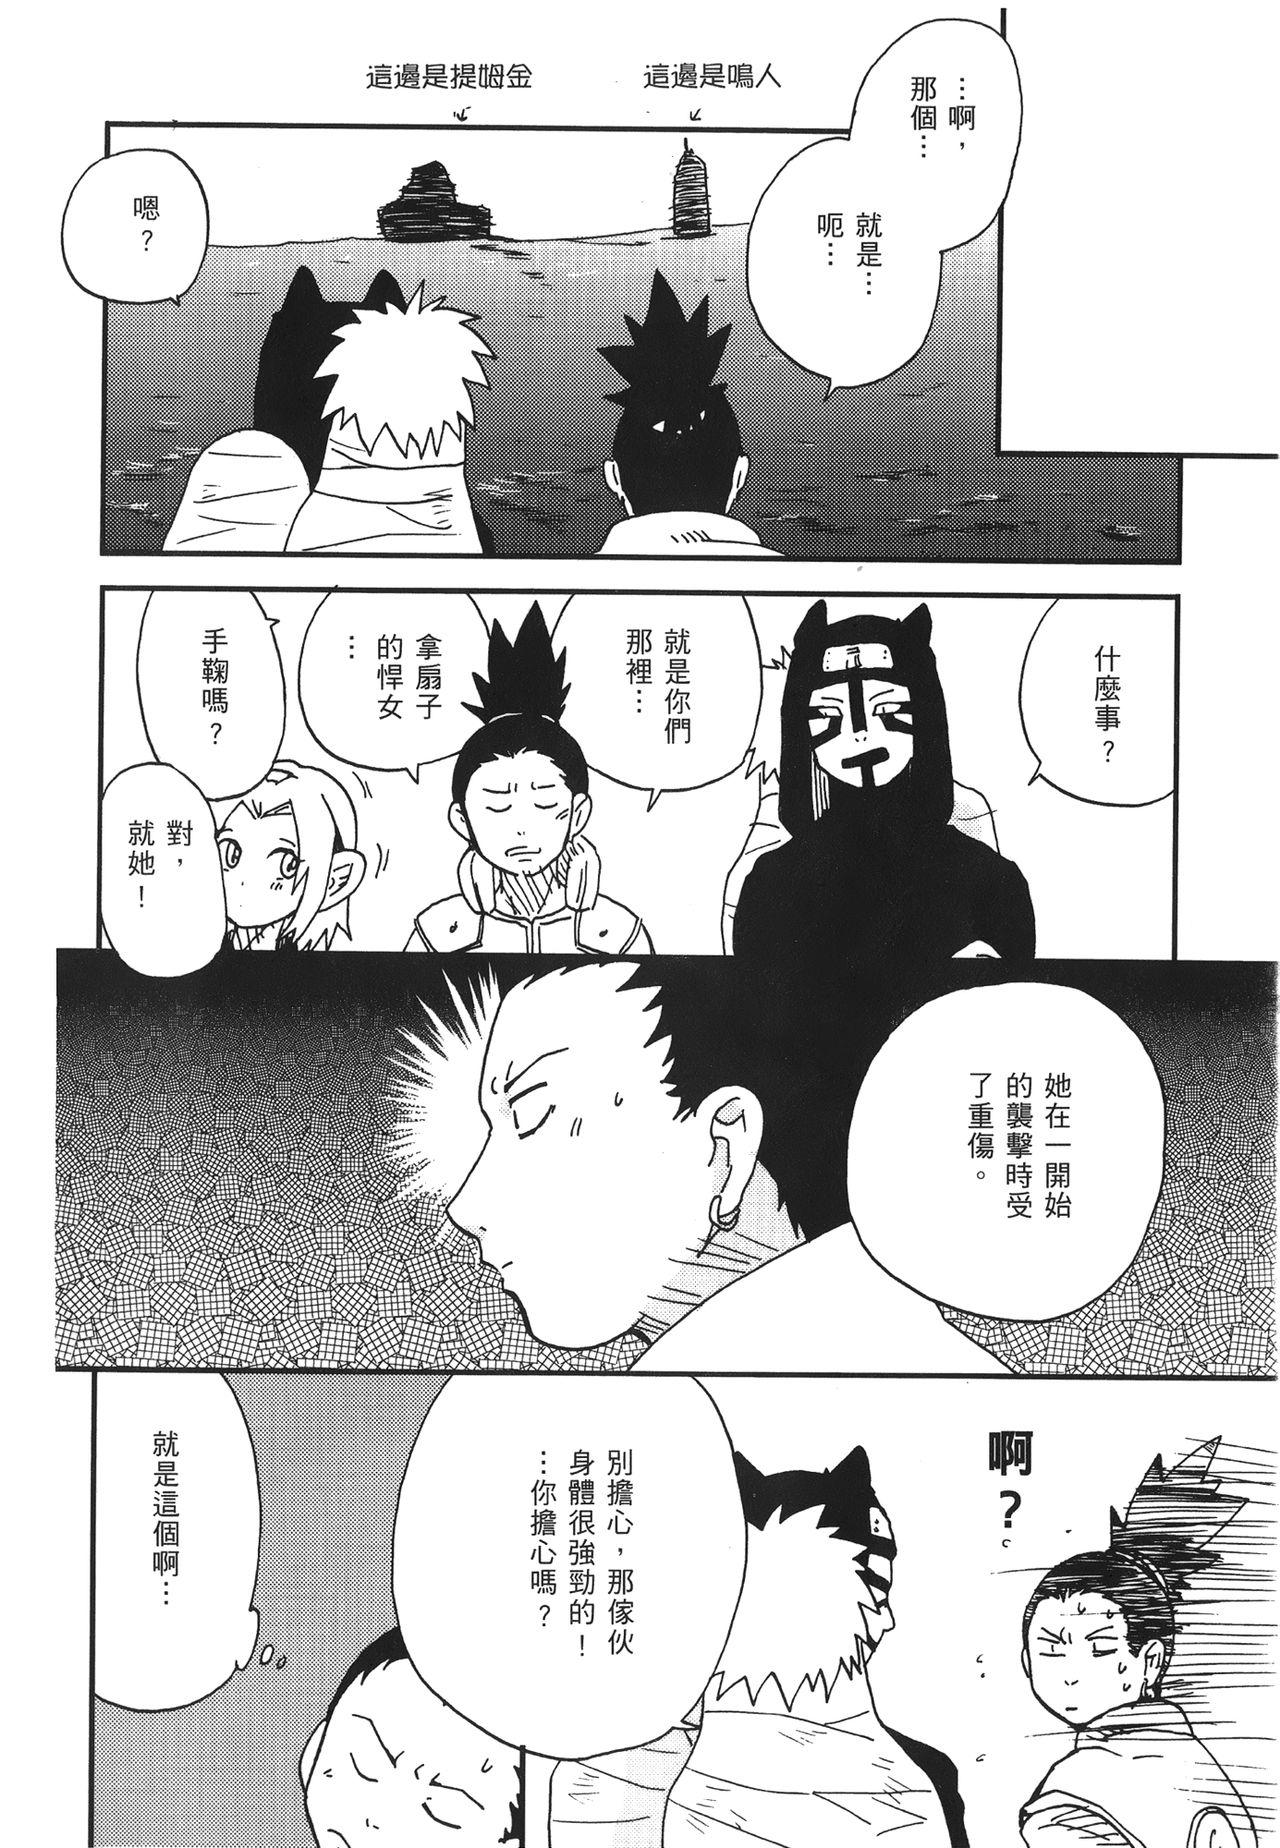 naruto ninja biography vol.07 130